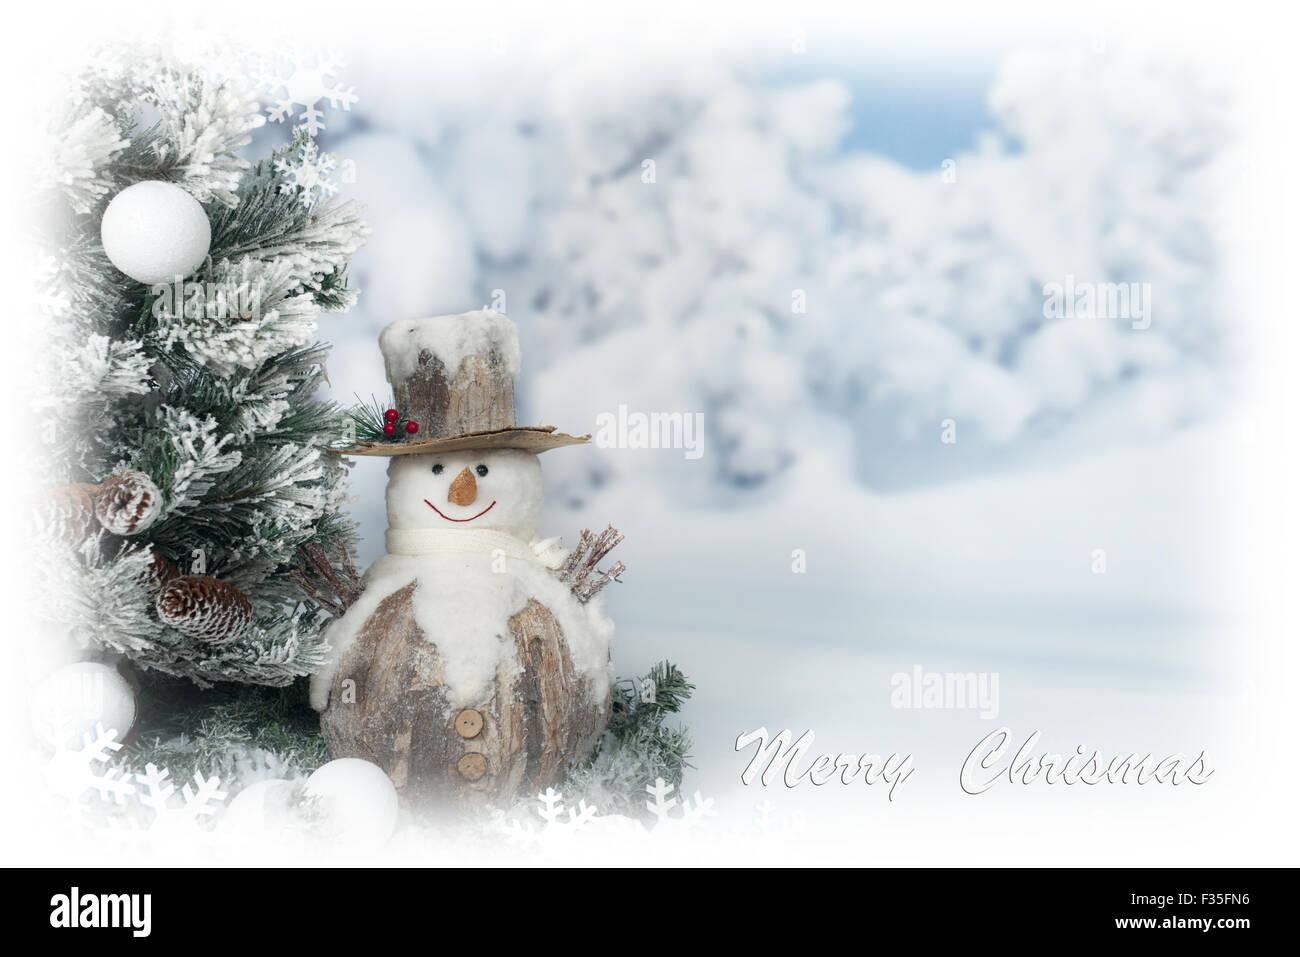 Frohe Weihnachten-Grußkarte mit Schneemann neben Baum Stockbild